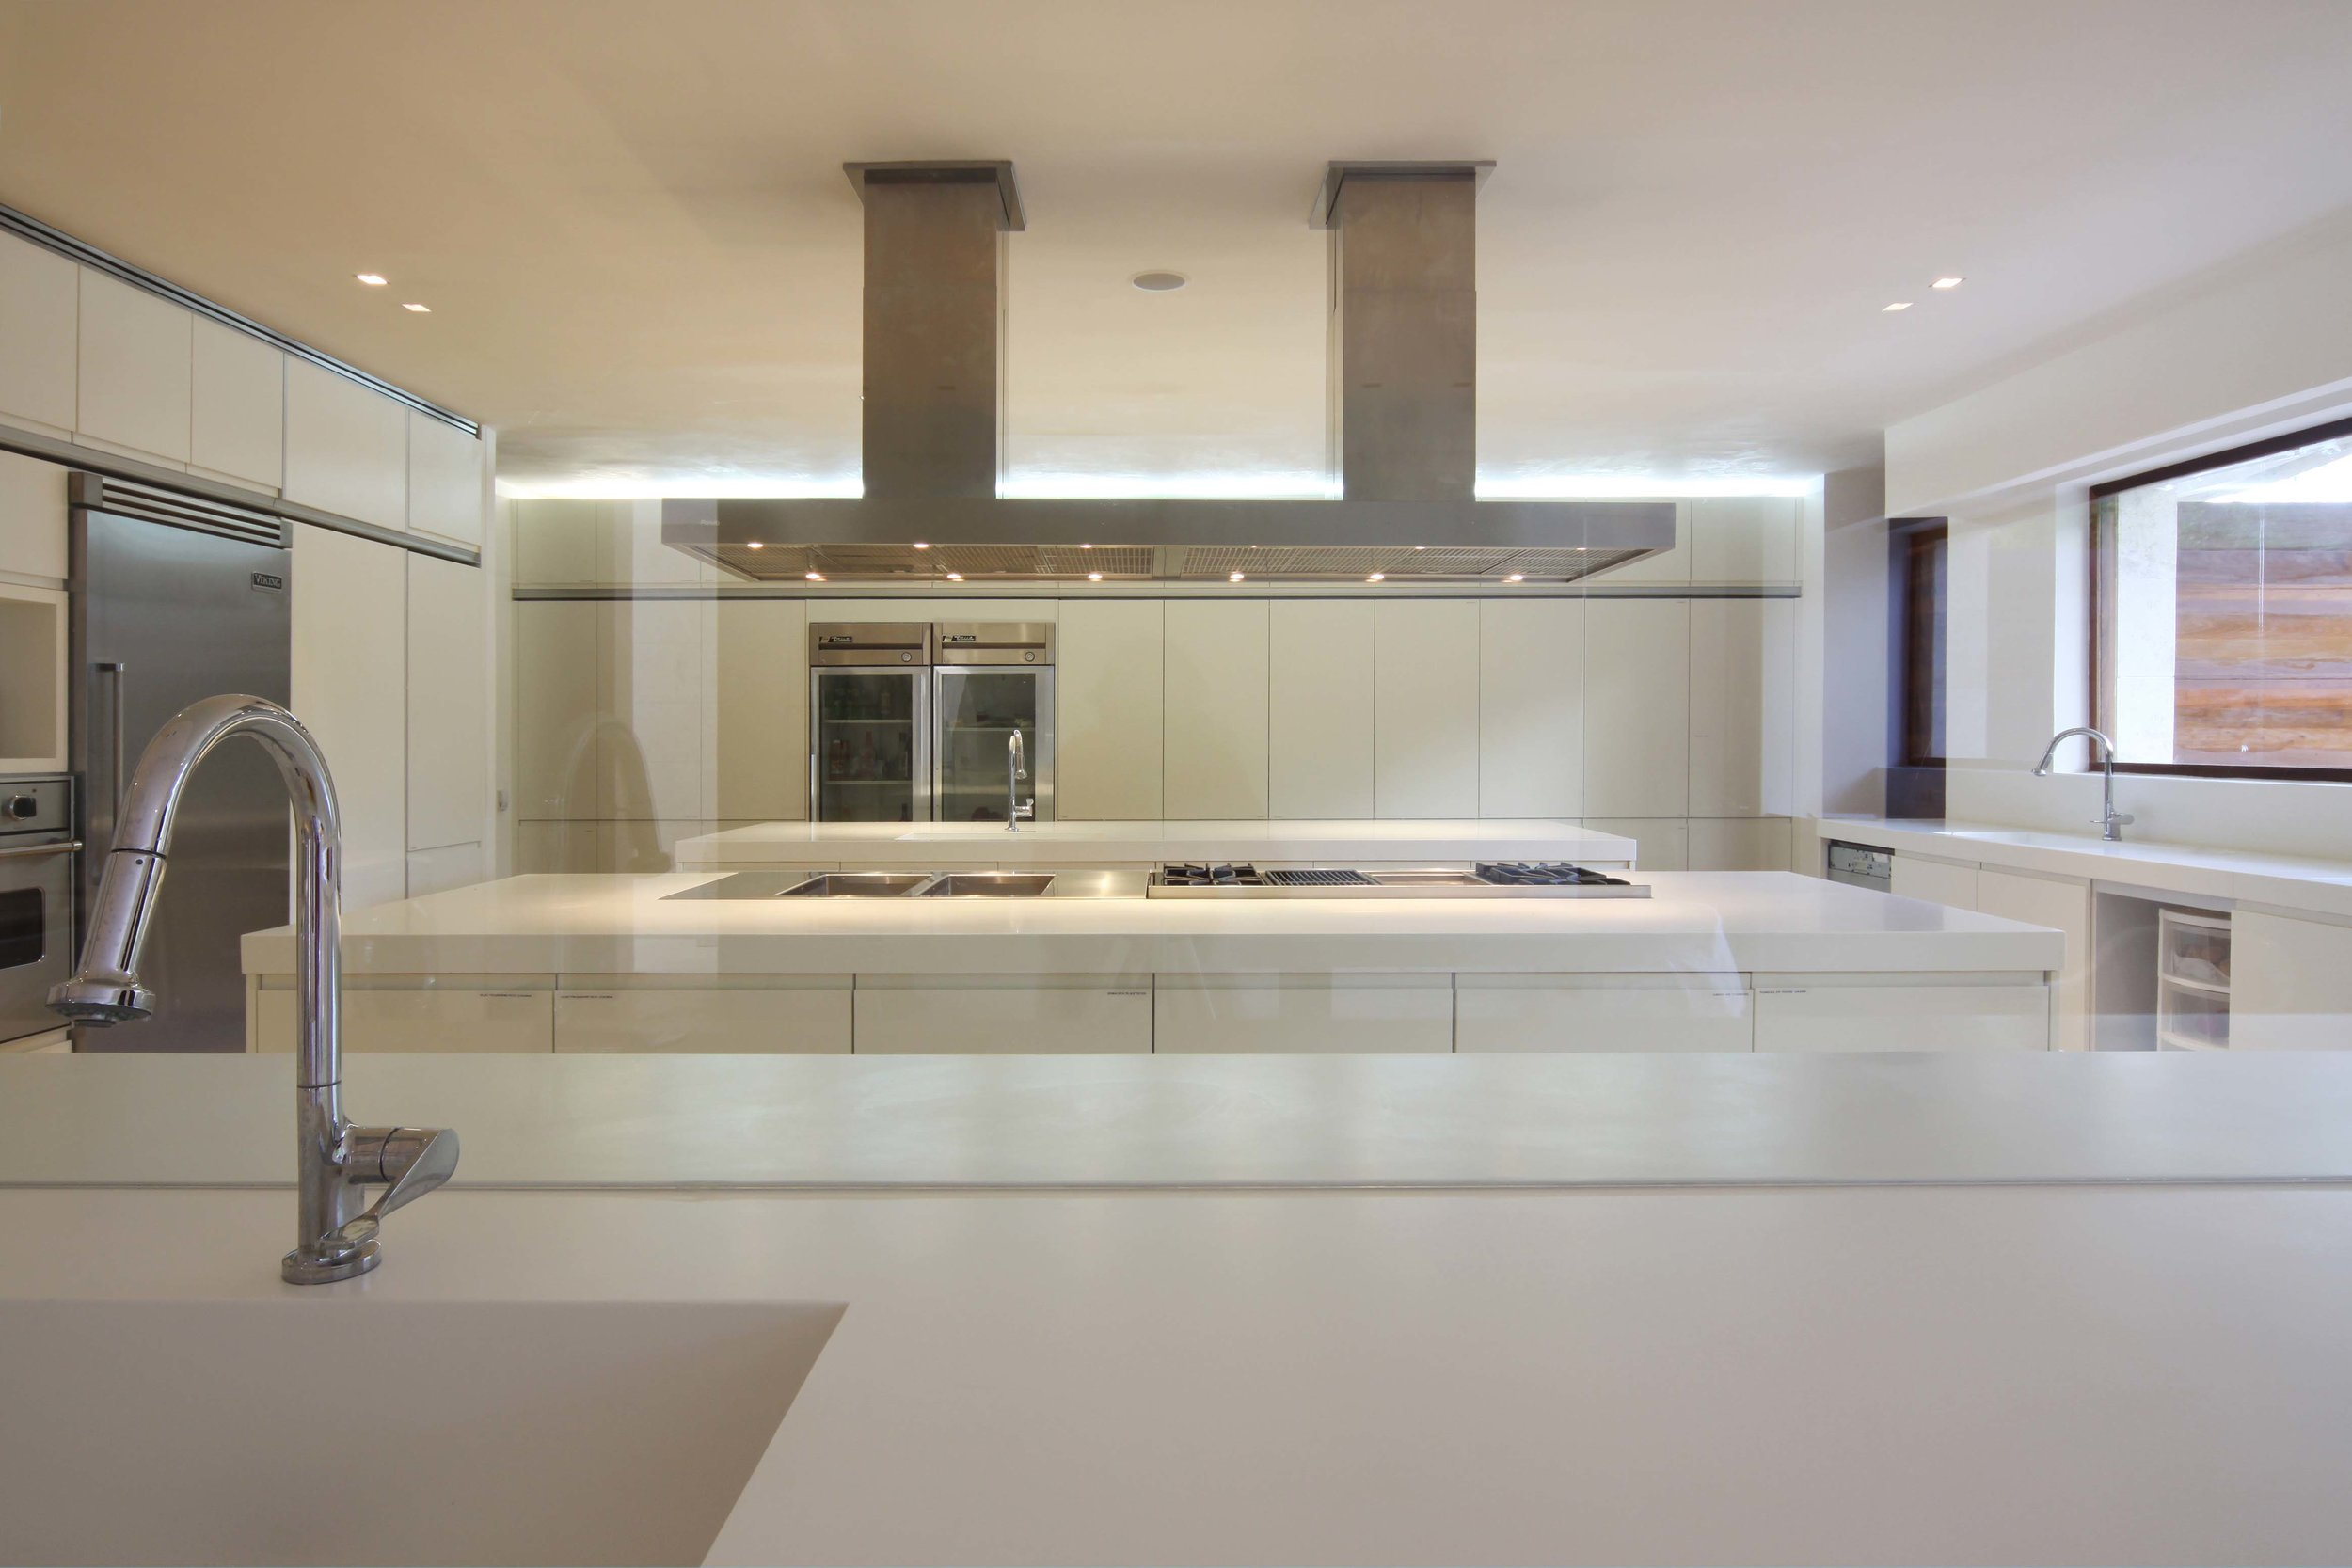 cocina-1.jpg